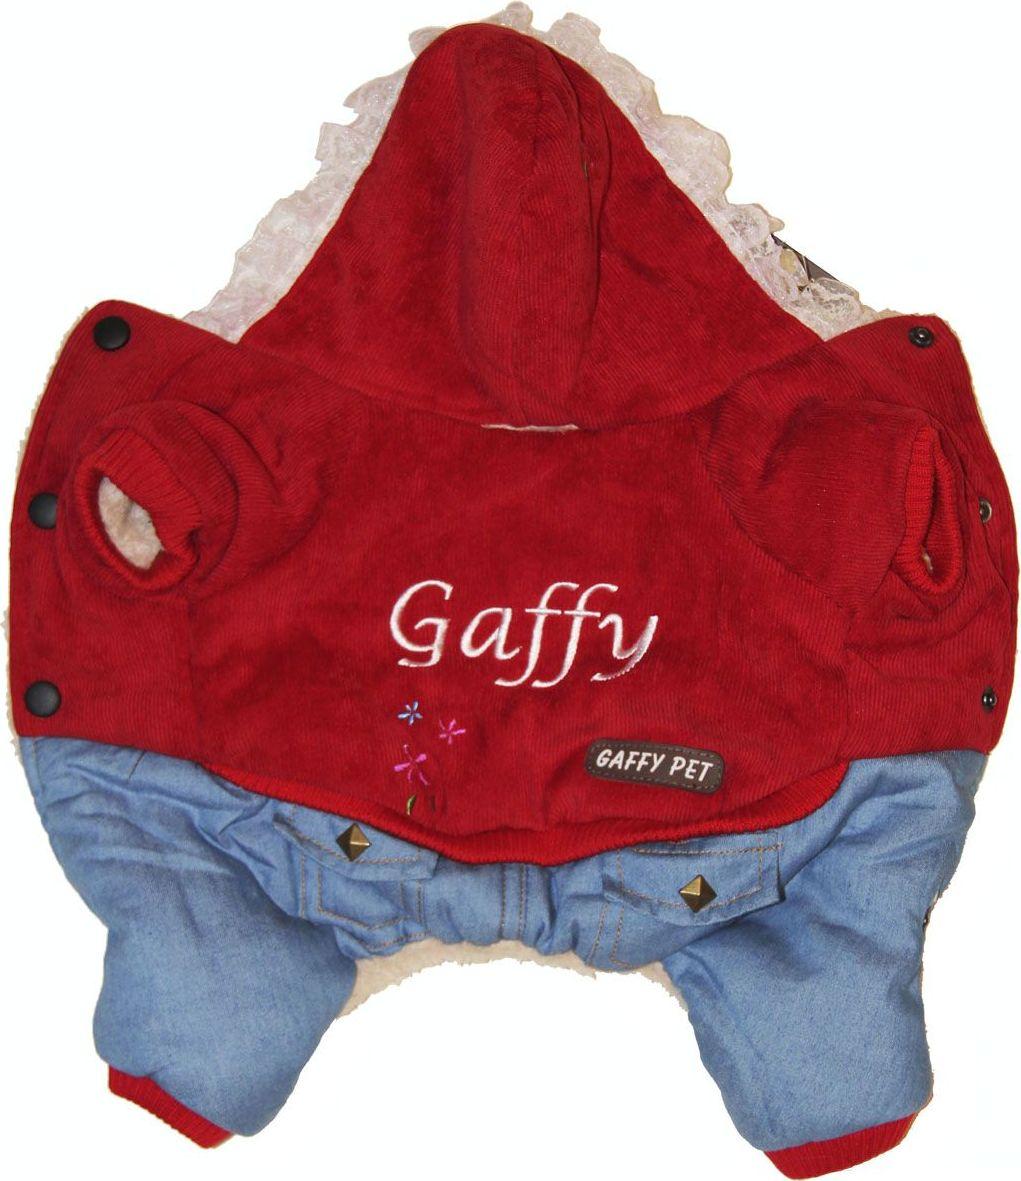 Комбинезон для собак Gaffy Pet Flower, для девочки. Размер XS11007 XSВаш питомец будет самым стильным и тепло одетым на прогулке.Красивая вельветовая курточка в сочетании с модным денимом. Интересная вышивка и оригинальные кнопки добавят собачке индивидуальности.Мы стараемся в каждой модели продумать все детали до мелочей.. Капюшон отделан нежным кружевом. На стыке капюшона и спинки есть отверстие для поводка.Комбинезон внутри отделан теплым мехом для защиты от любого холода.Живот почти полностью закрыт, кроме необходимых для прогулок отверстий.На животе комбинезон фиксируется с помощью кнопок, а в нижней части живота есть 2 ряда кнопок для того, чтобы комбинезон точно сел по фигуре.Дополнительно комбинезон снабжён резинками на рукавах и штанинах для лучшей защиты от снега и холода.Данные модели комбинезонов с закрытым животом были запатентованы как полезная модель. Патент # 2014125392Обхват шеи, см: 20.Обхват груди, см: 35.Длина спины, см: 22.